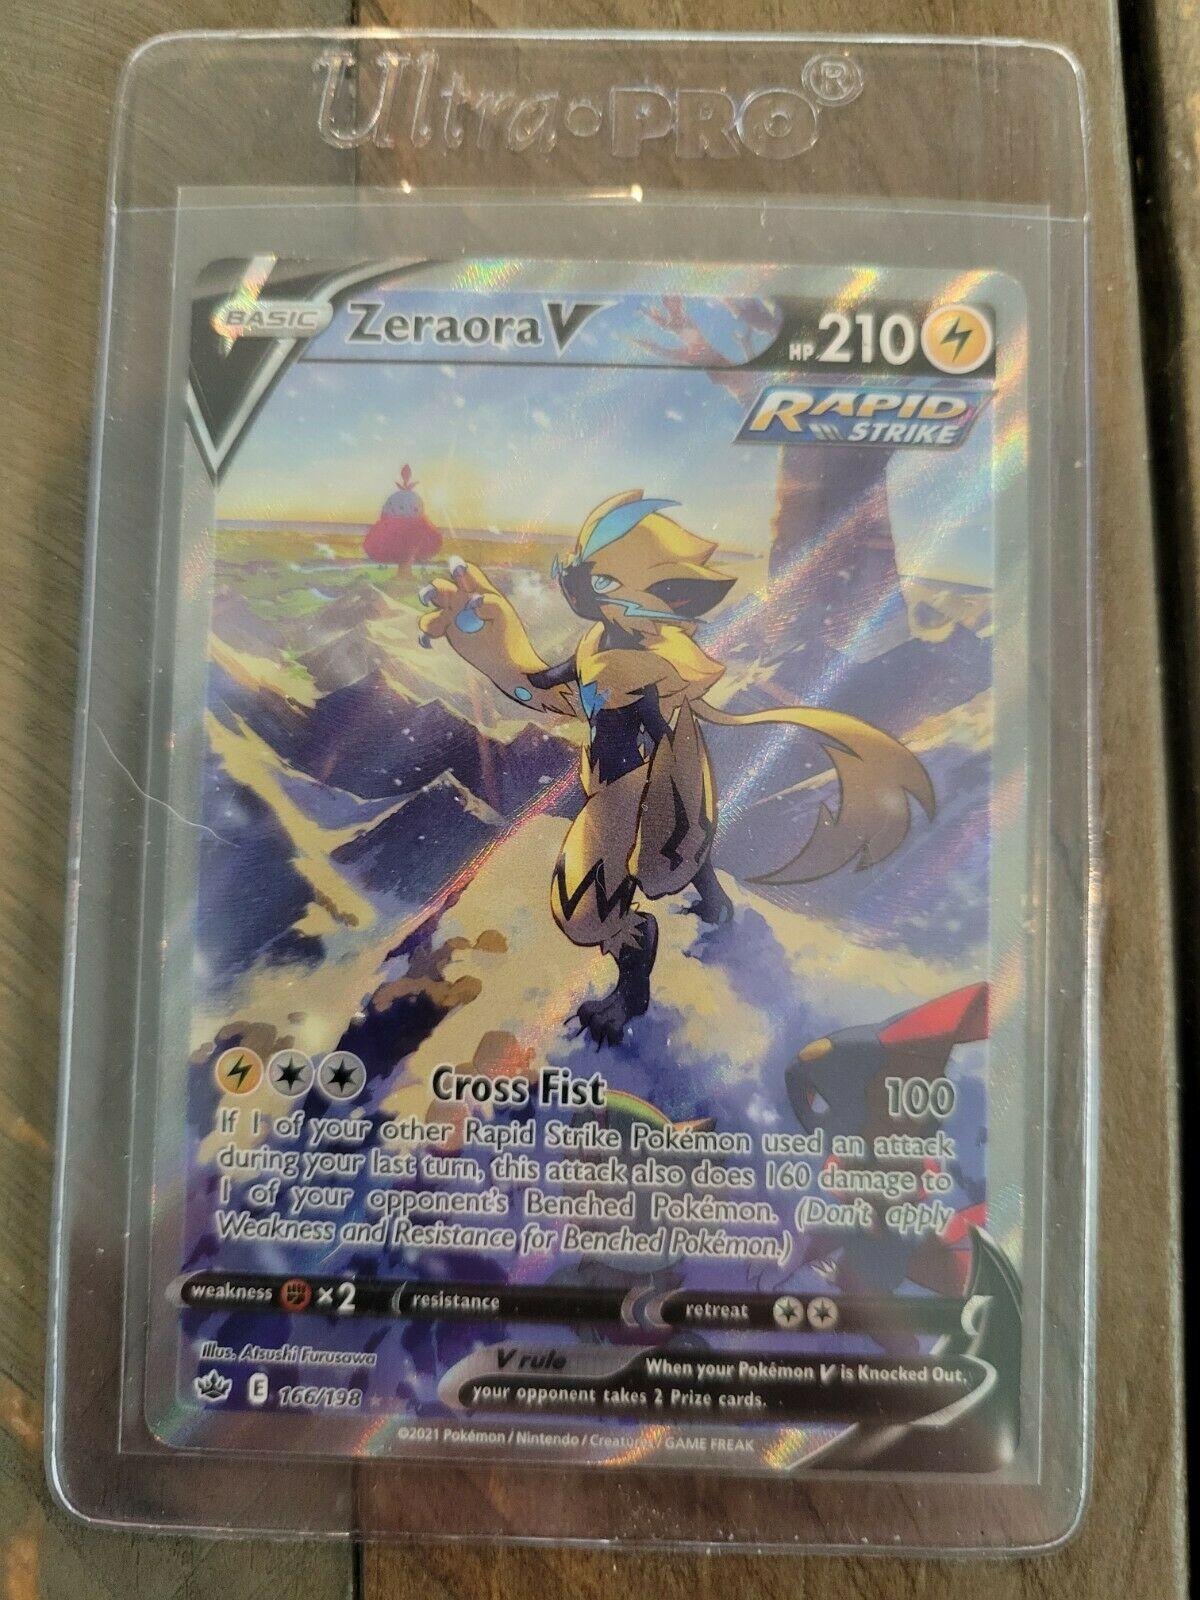 Pokemon TCG Chilling Reign Zeraora V(Alternate Full Art) Ultra Rare 166/198